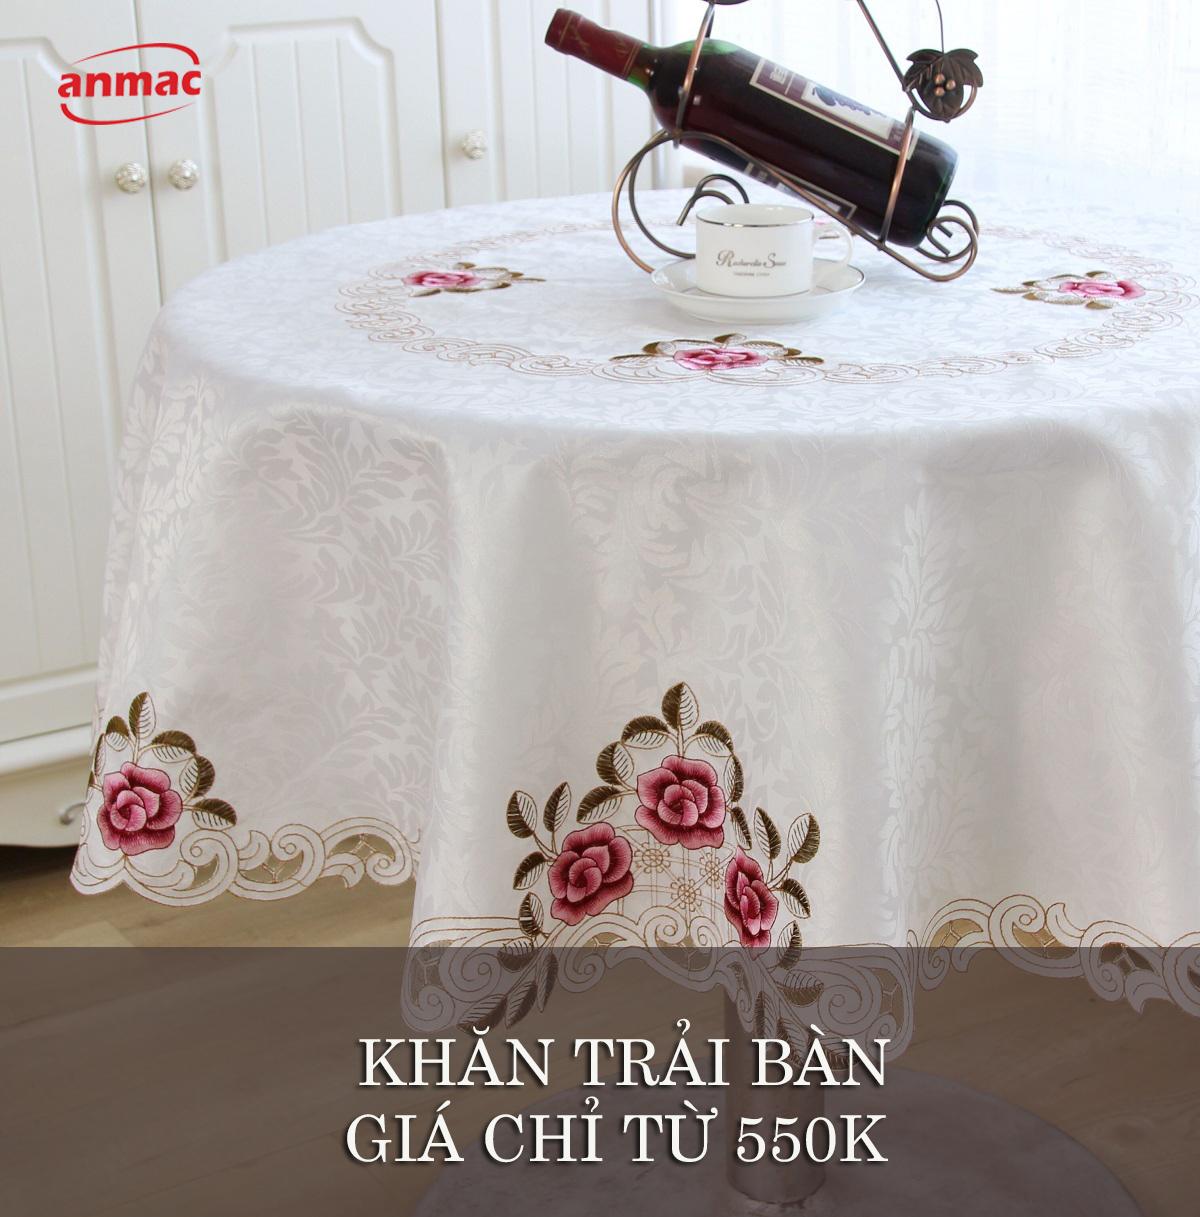 đồng phục khăn ăn khăn trải bàn